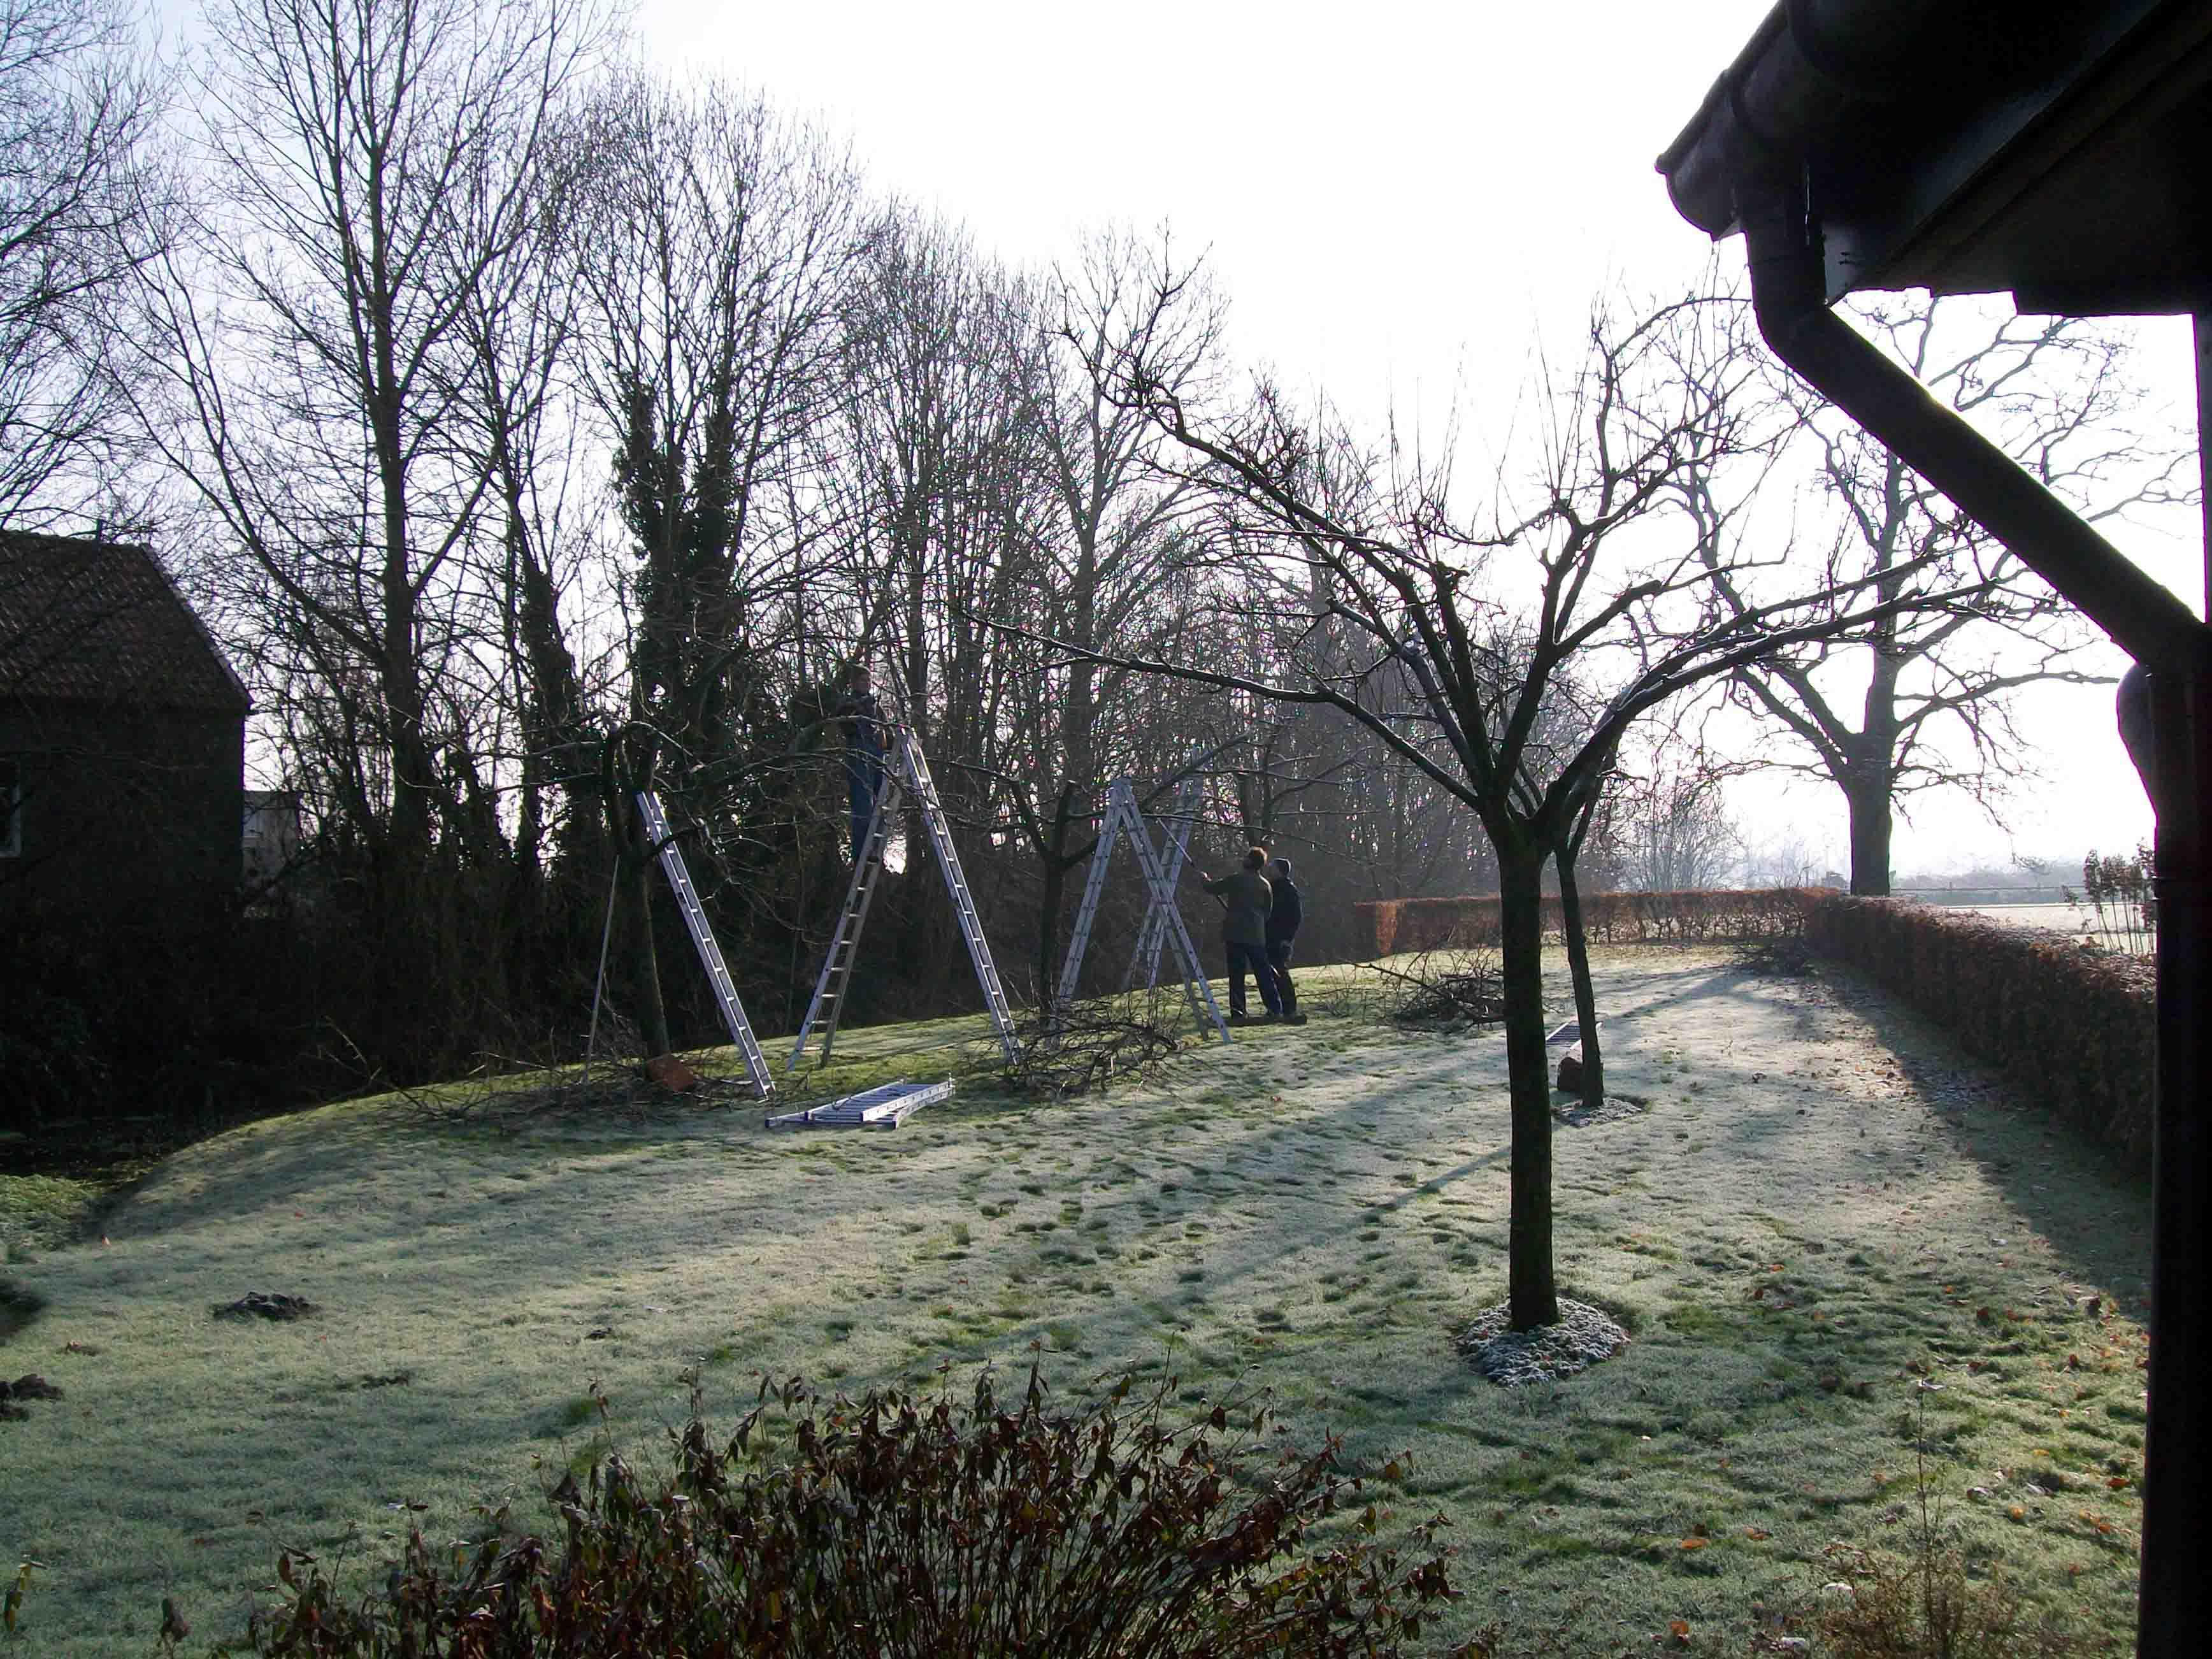 2011-01-29-hsb-steenwijkerwold-1